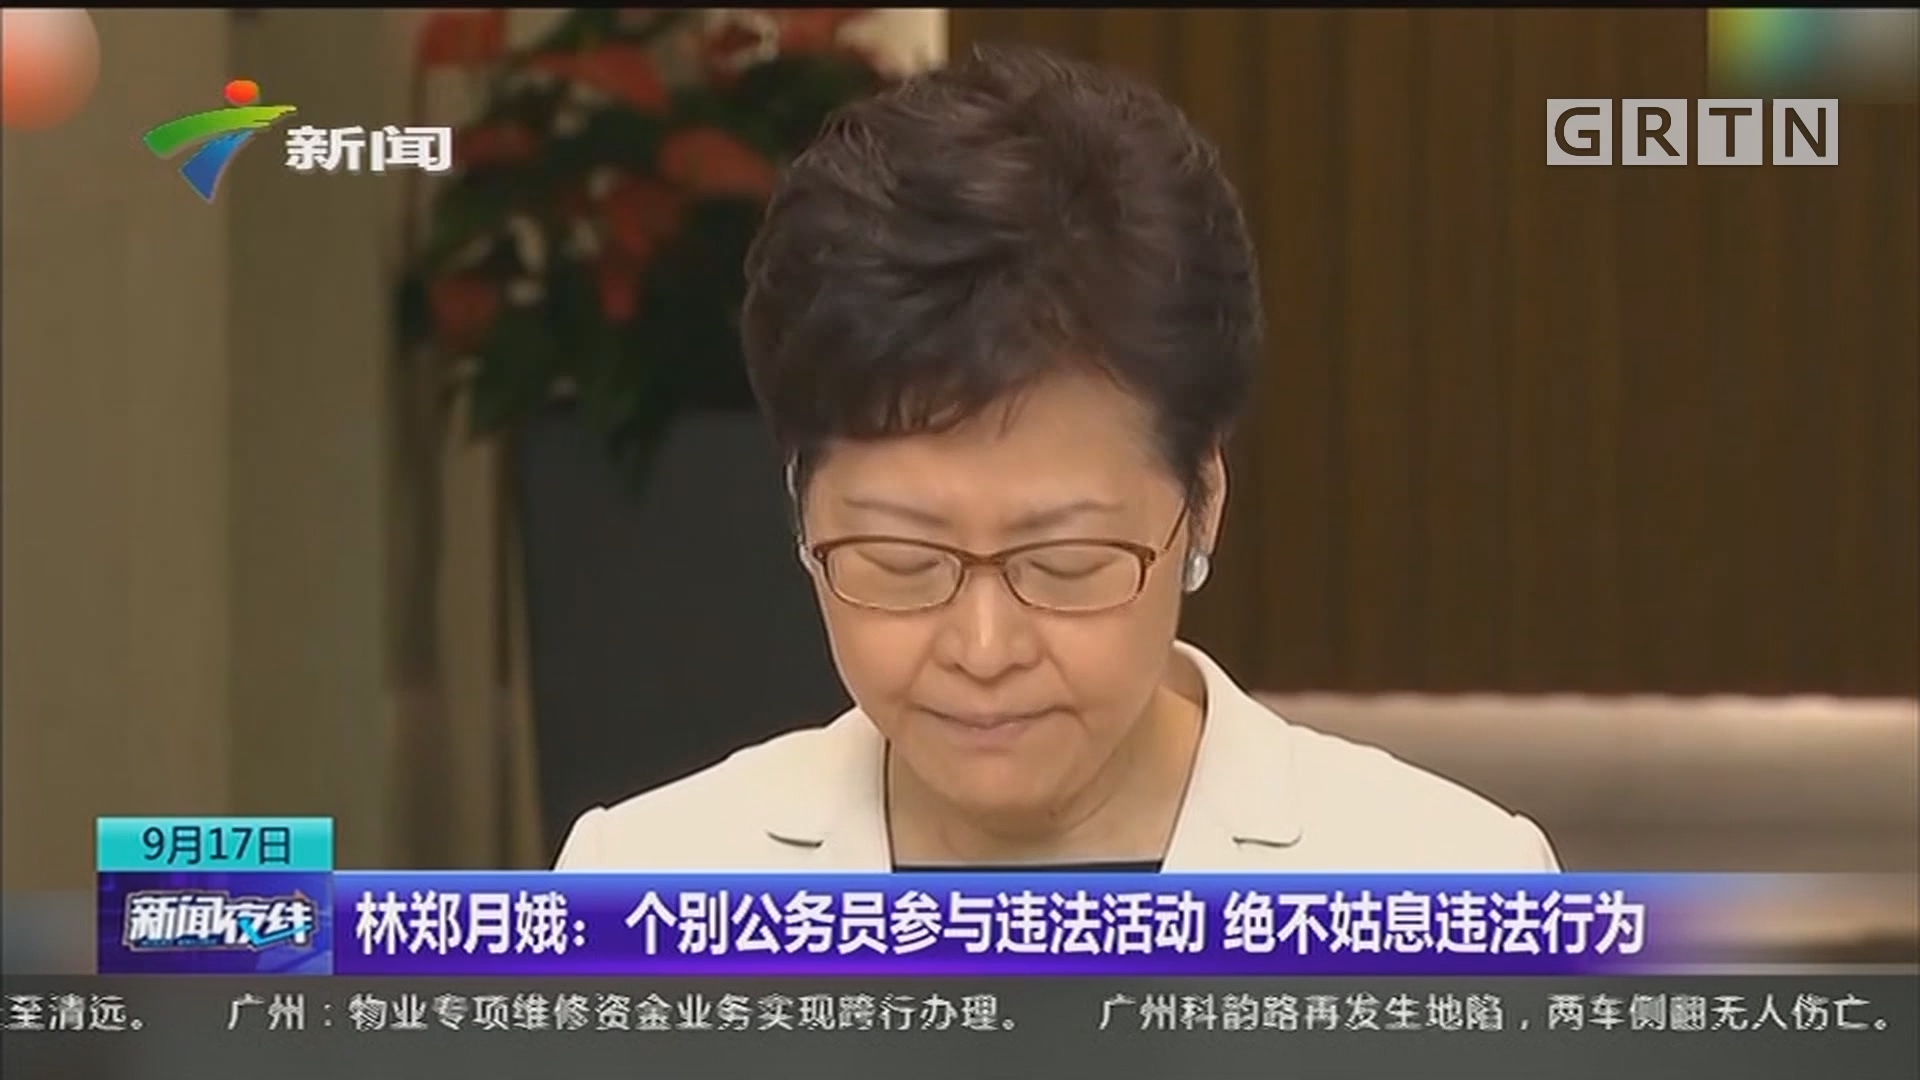 林郑月娥:个别公务员参与违法活动 绝不姑息违法行为